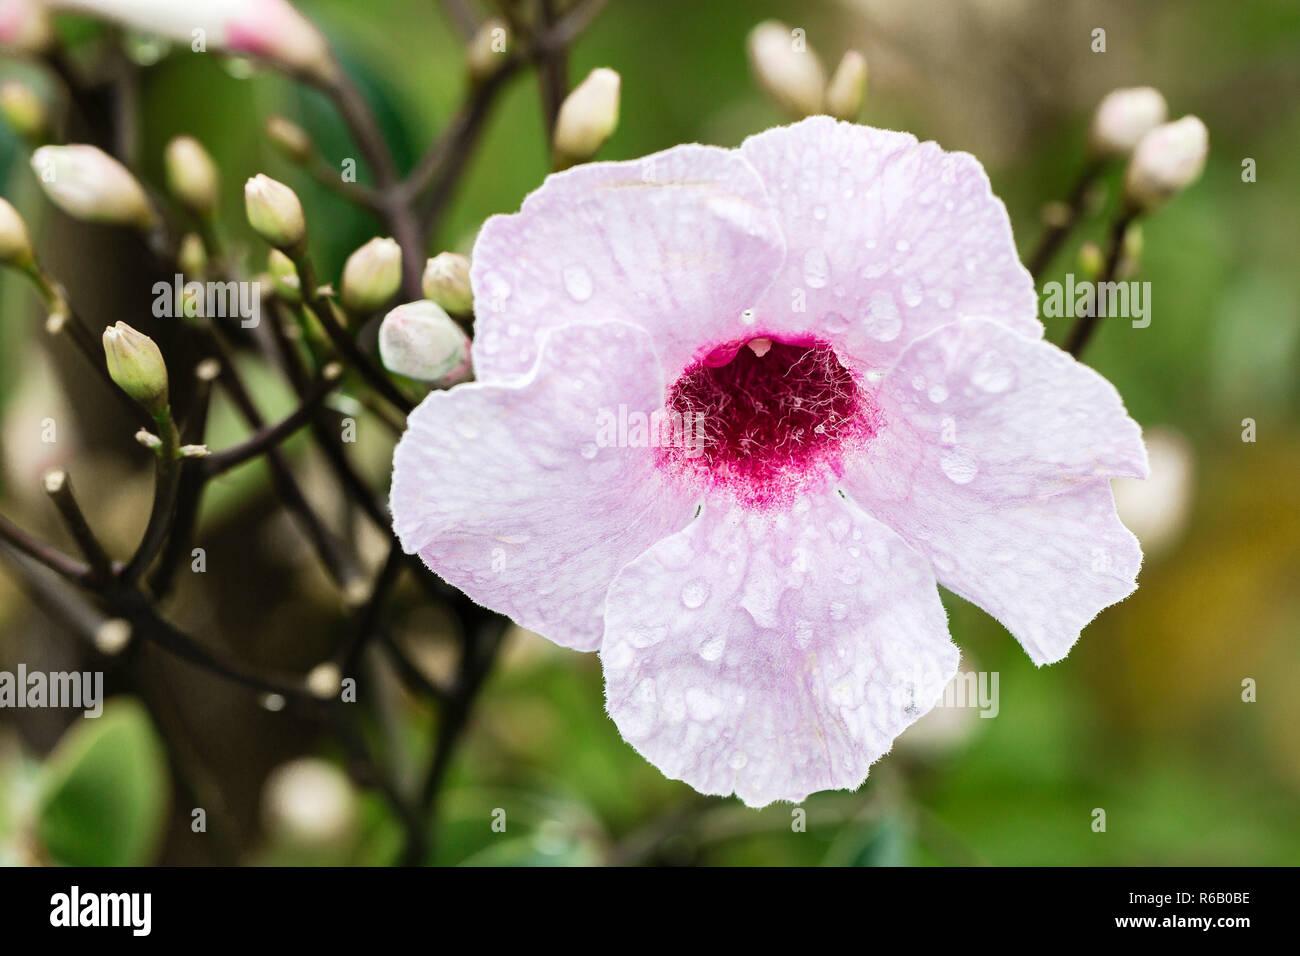 Jasmintrompete - Pandorea jasminoides - Australien Stock Photo